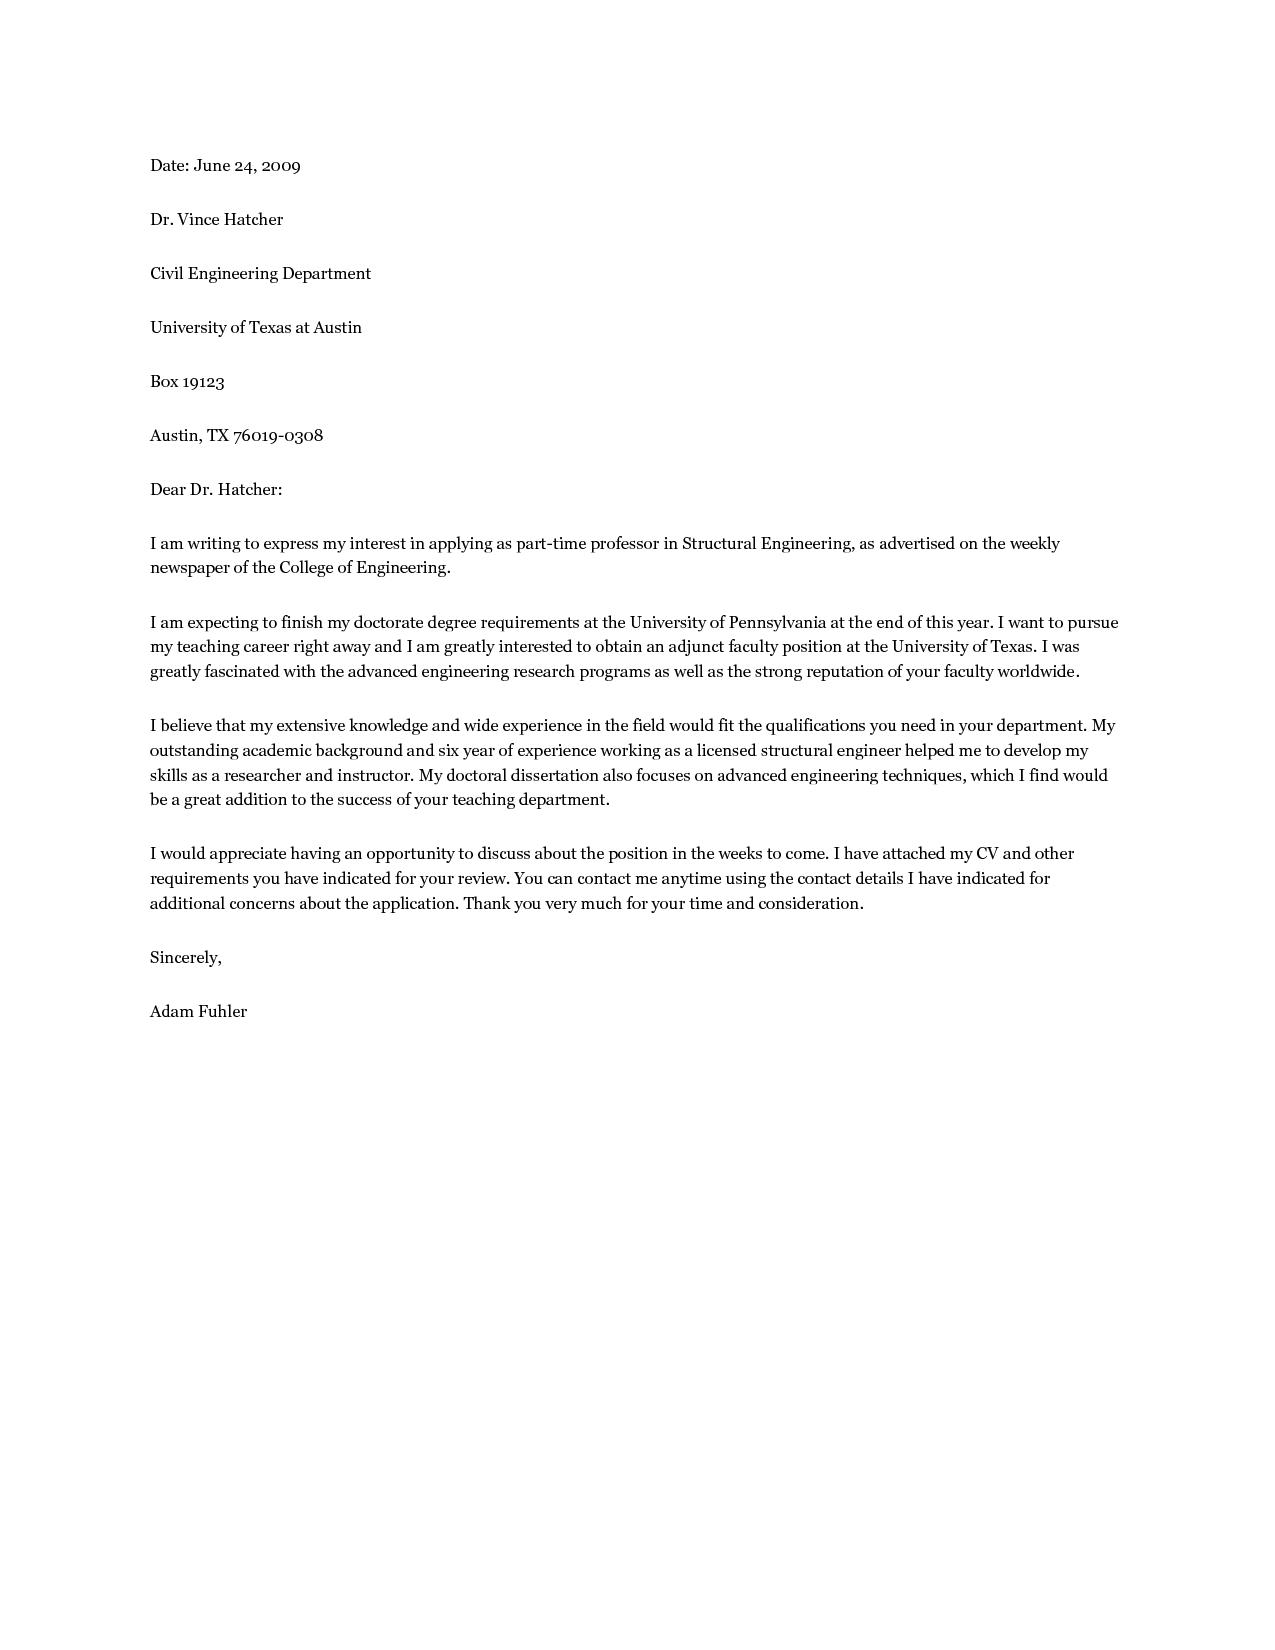 Professor Cover Letter Sample For Teaching Position